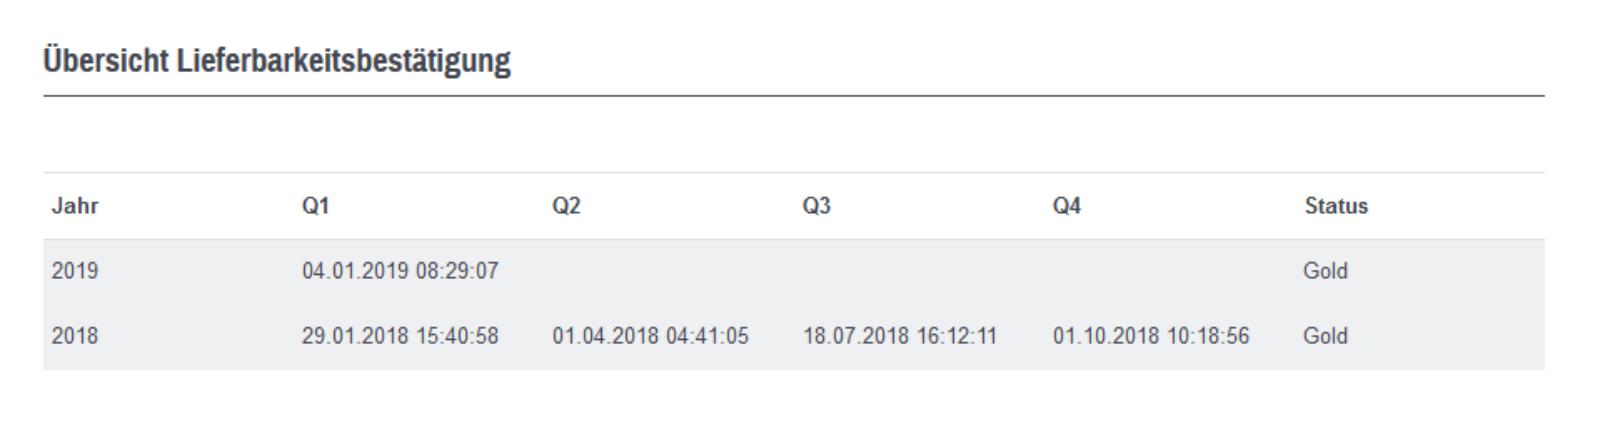 Historie_Tabelle_Lieferbarkeitsstatusbestätigung.png#asset:5197:standardcontent